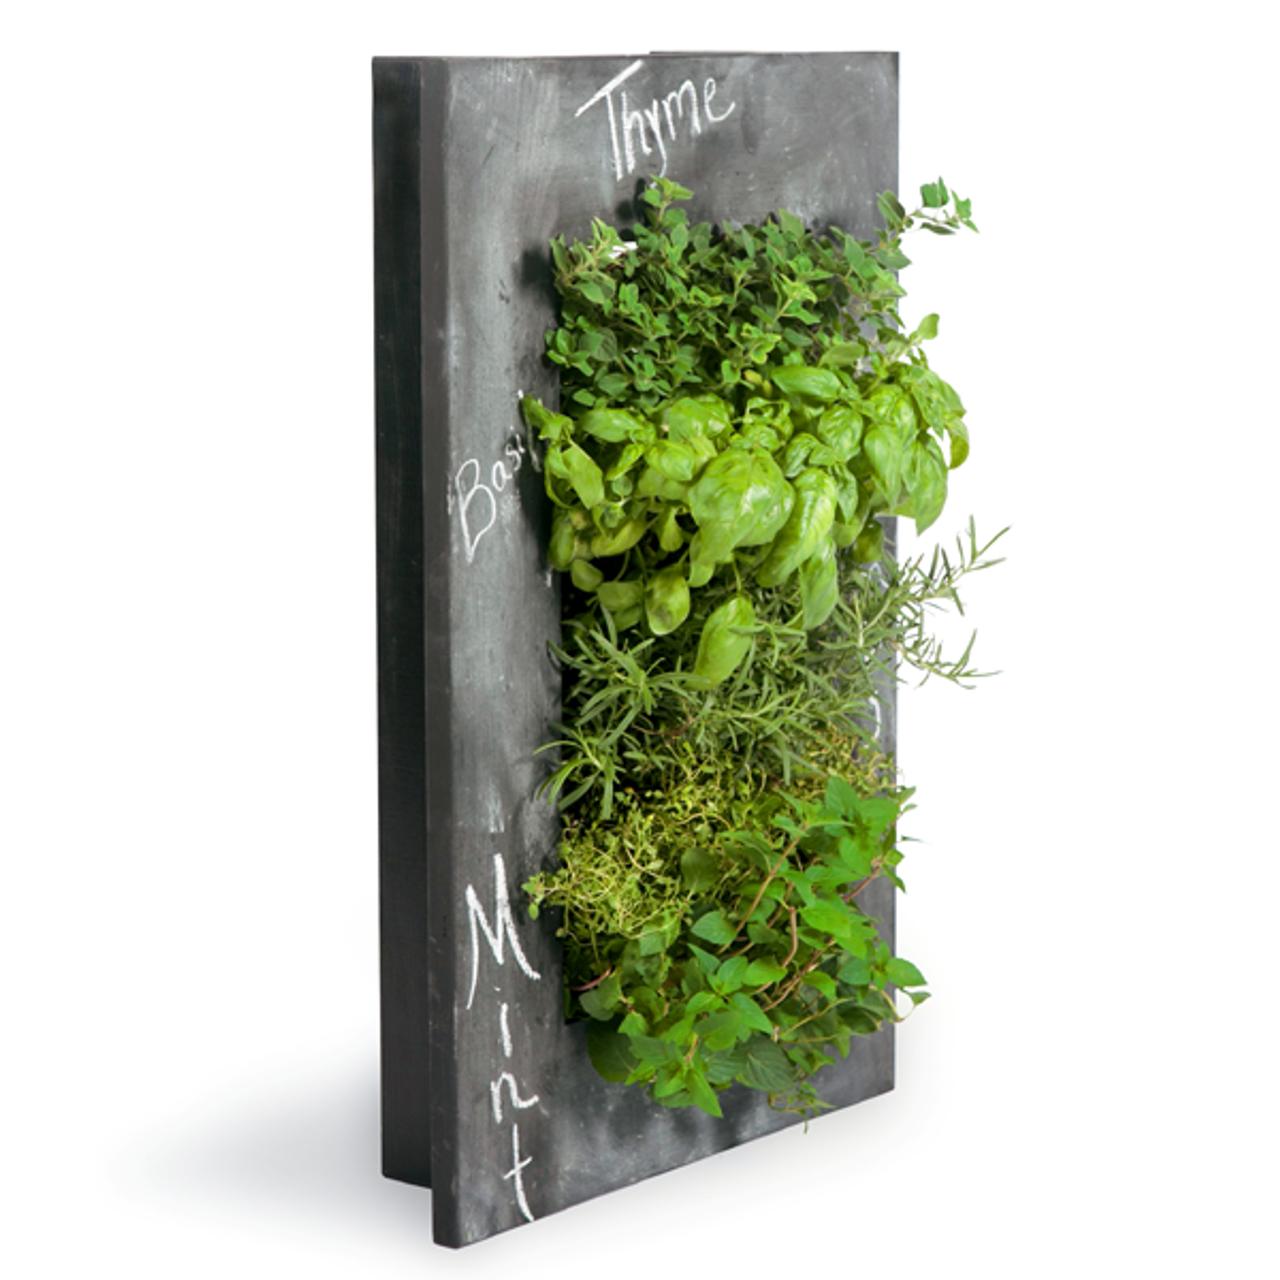 Grovert living wall planter chalkboard frame kit for Living wall planter